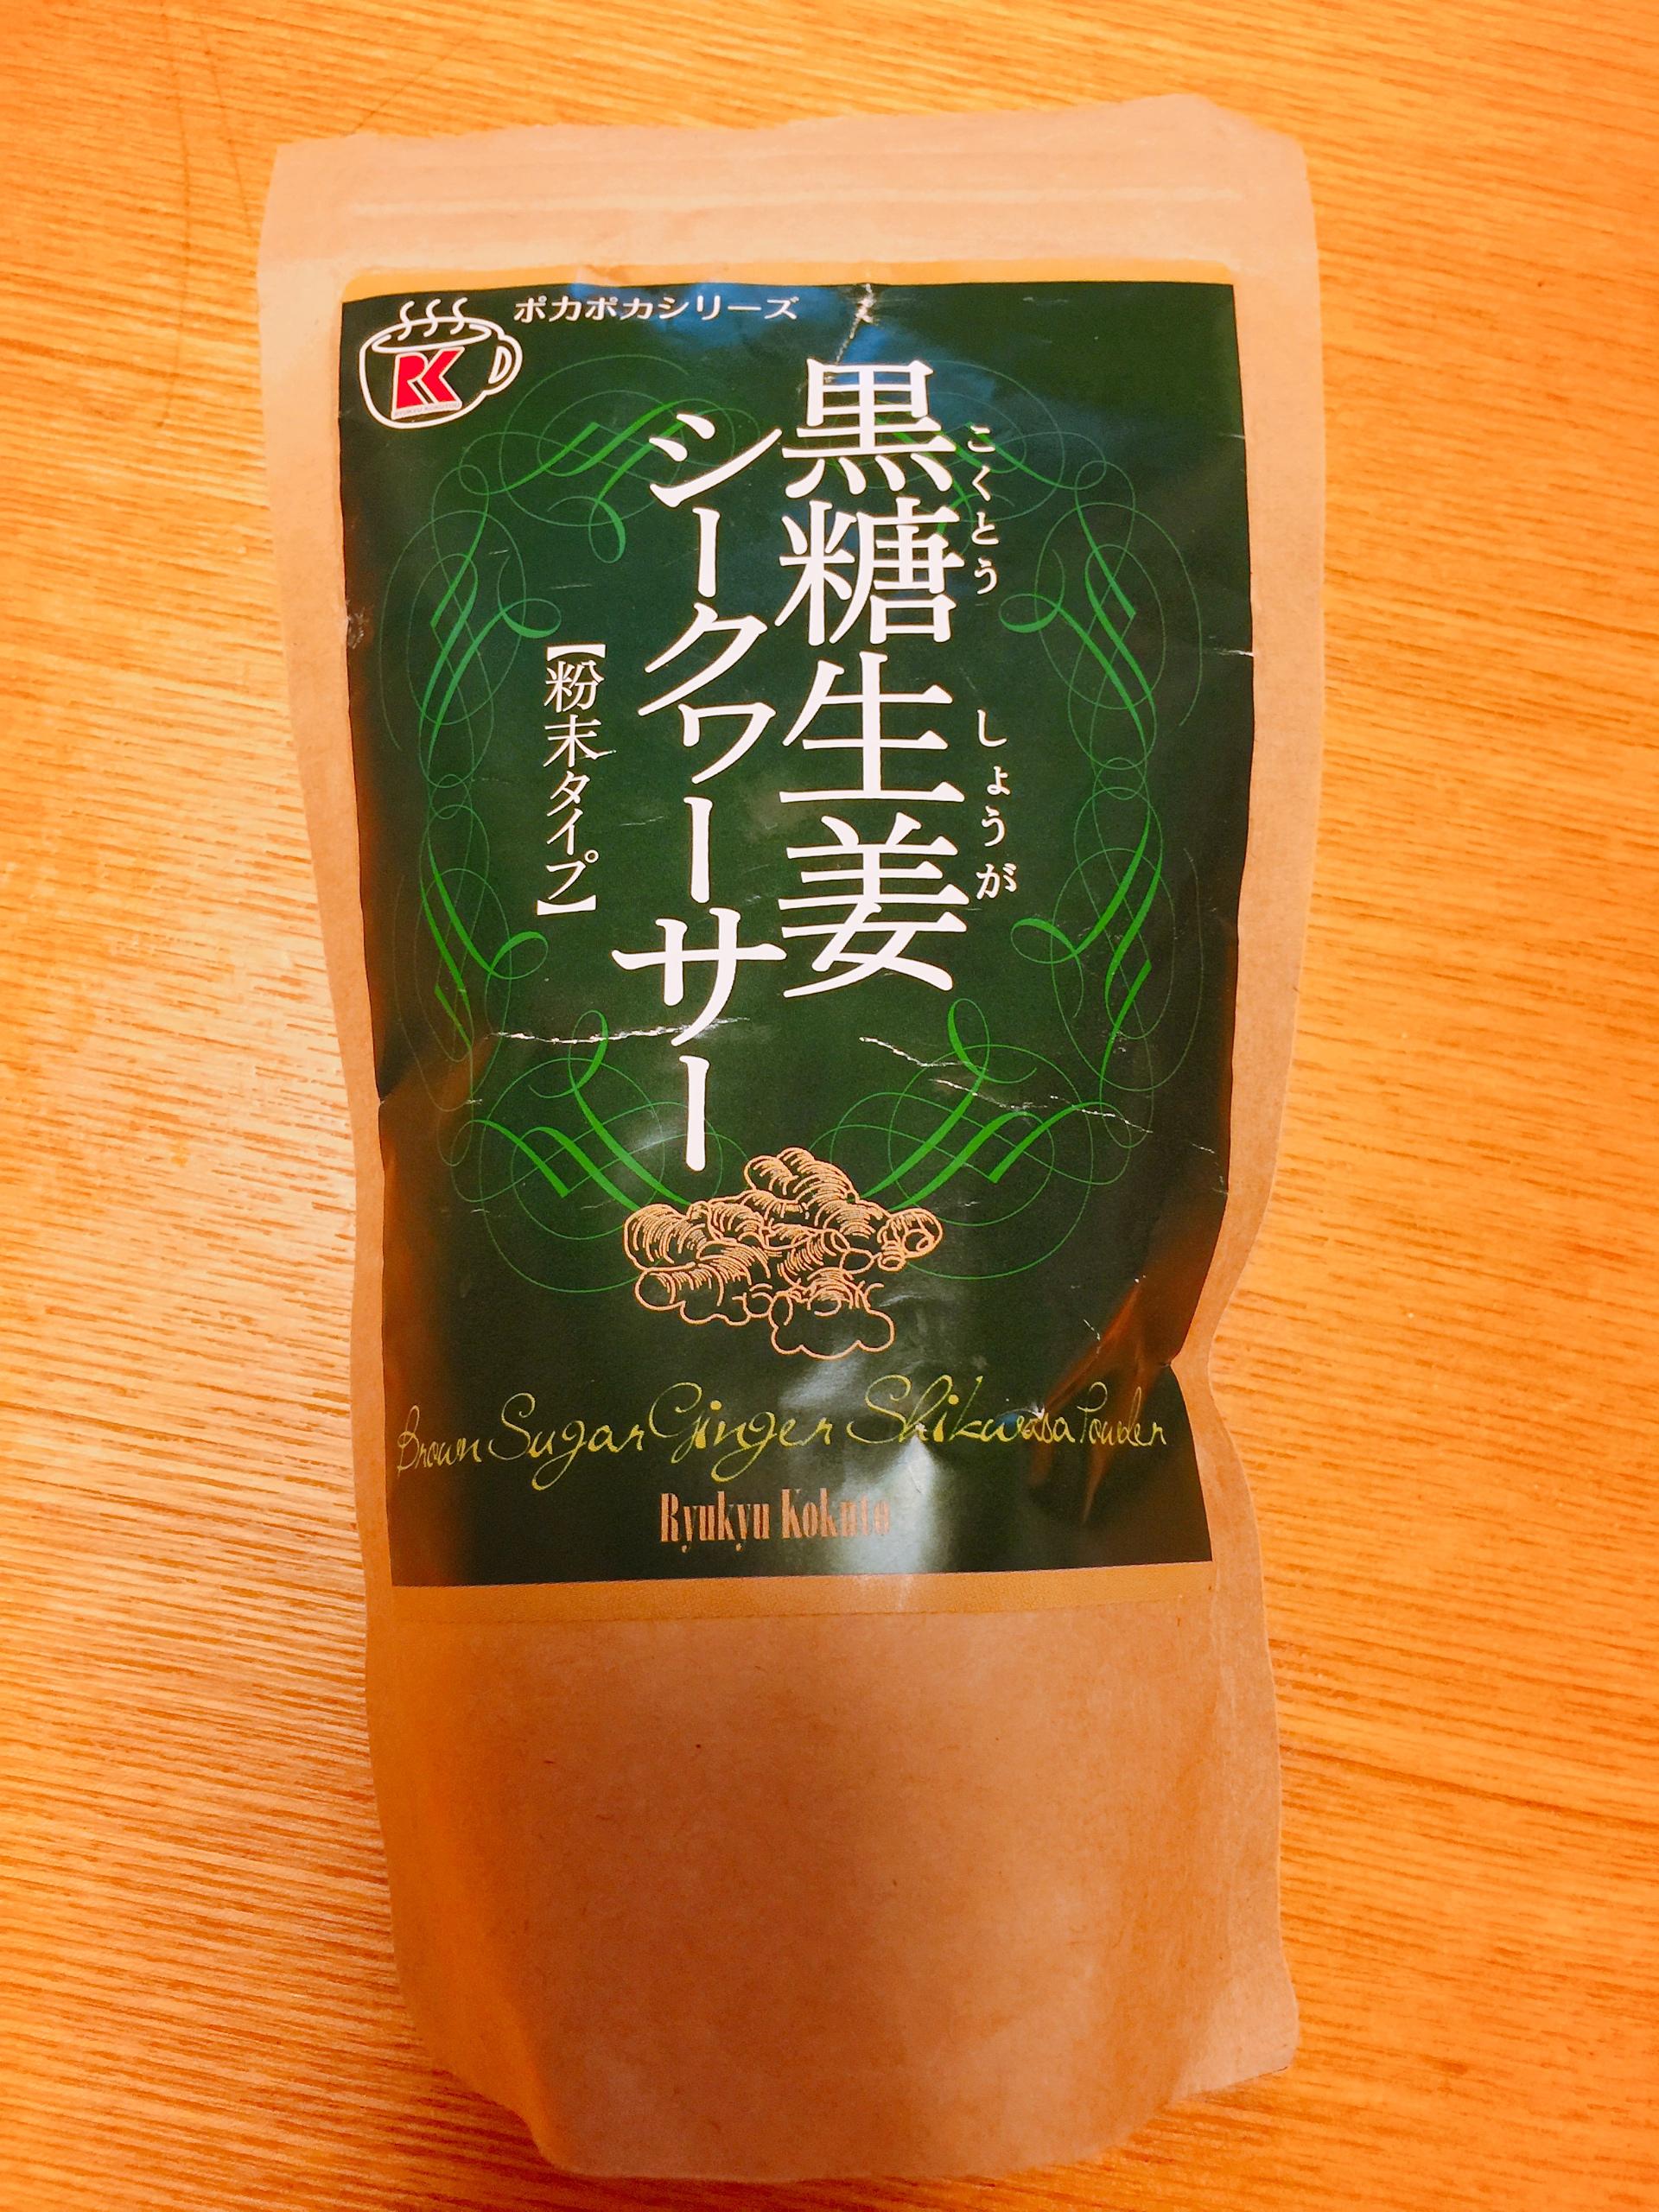 沖縄中城PAでみつけた「黒糖生姜シークァーサー」が沖縄版チャイ風になったさー